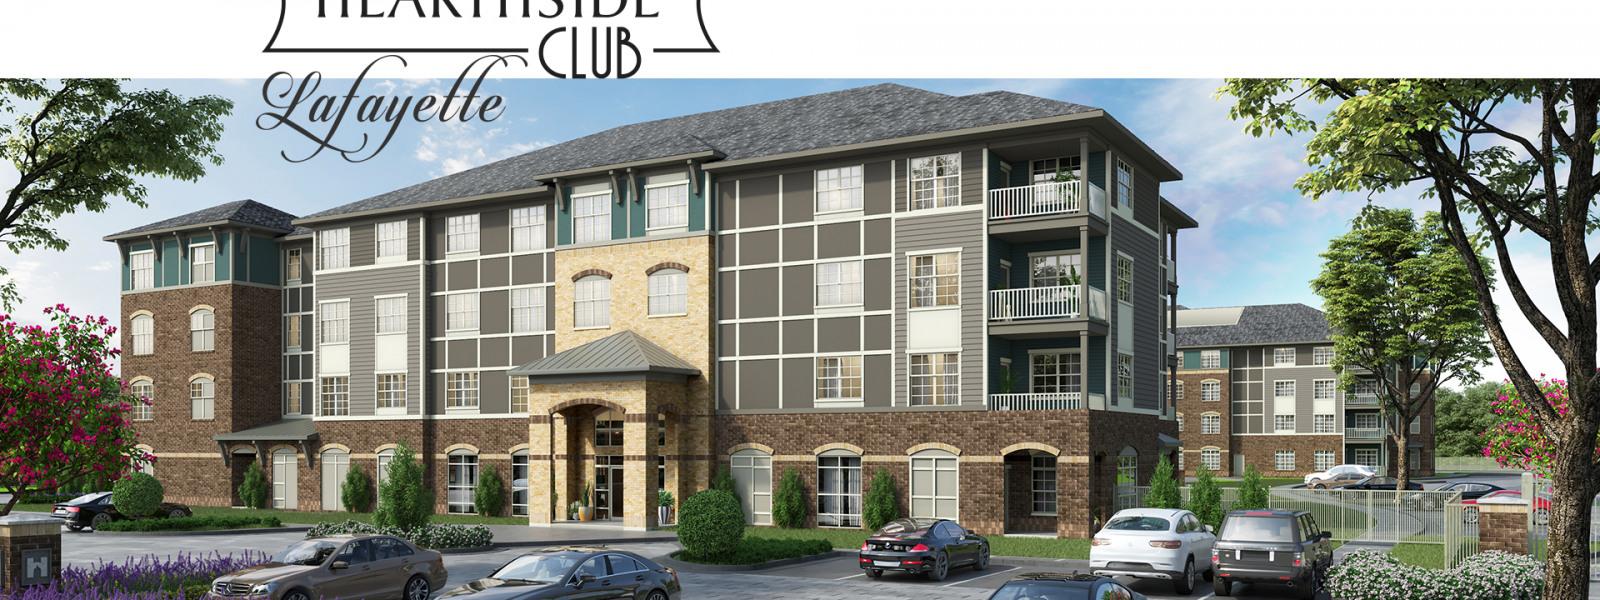 HearthSide Club Lafayette